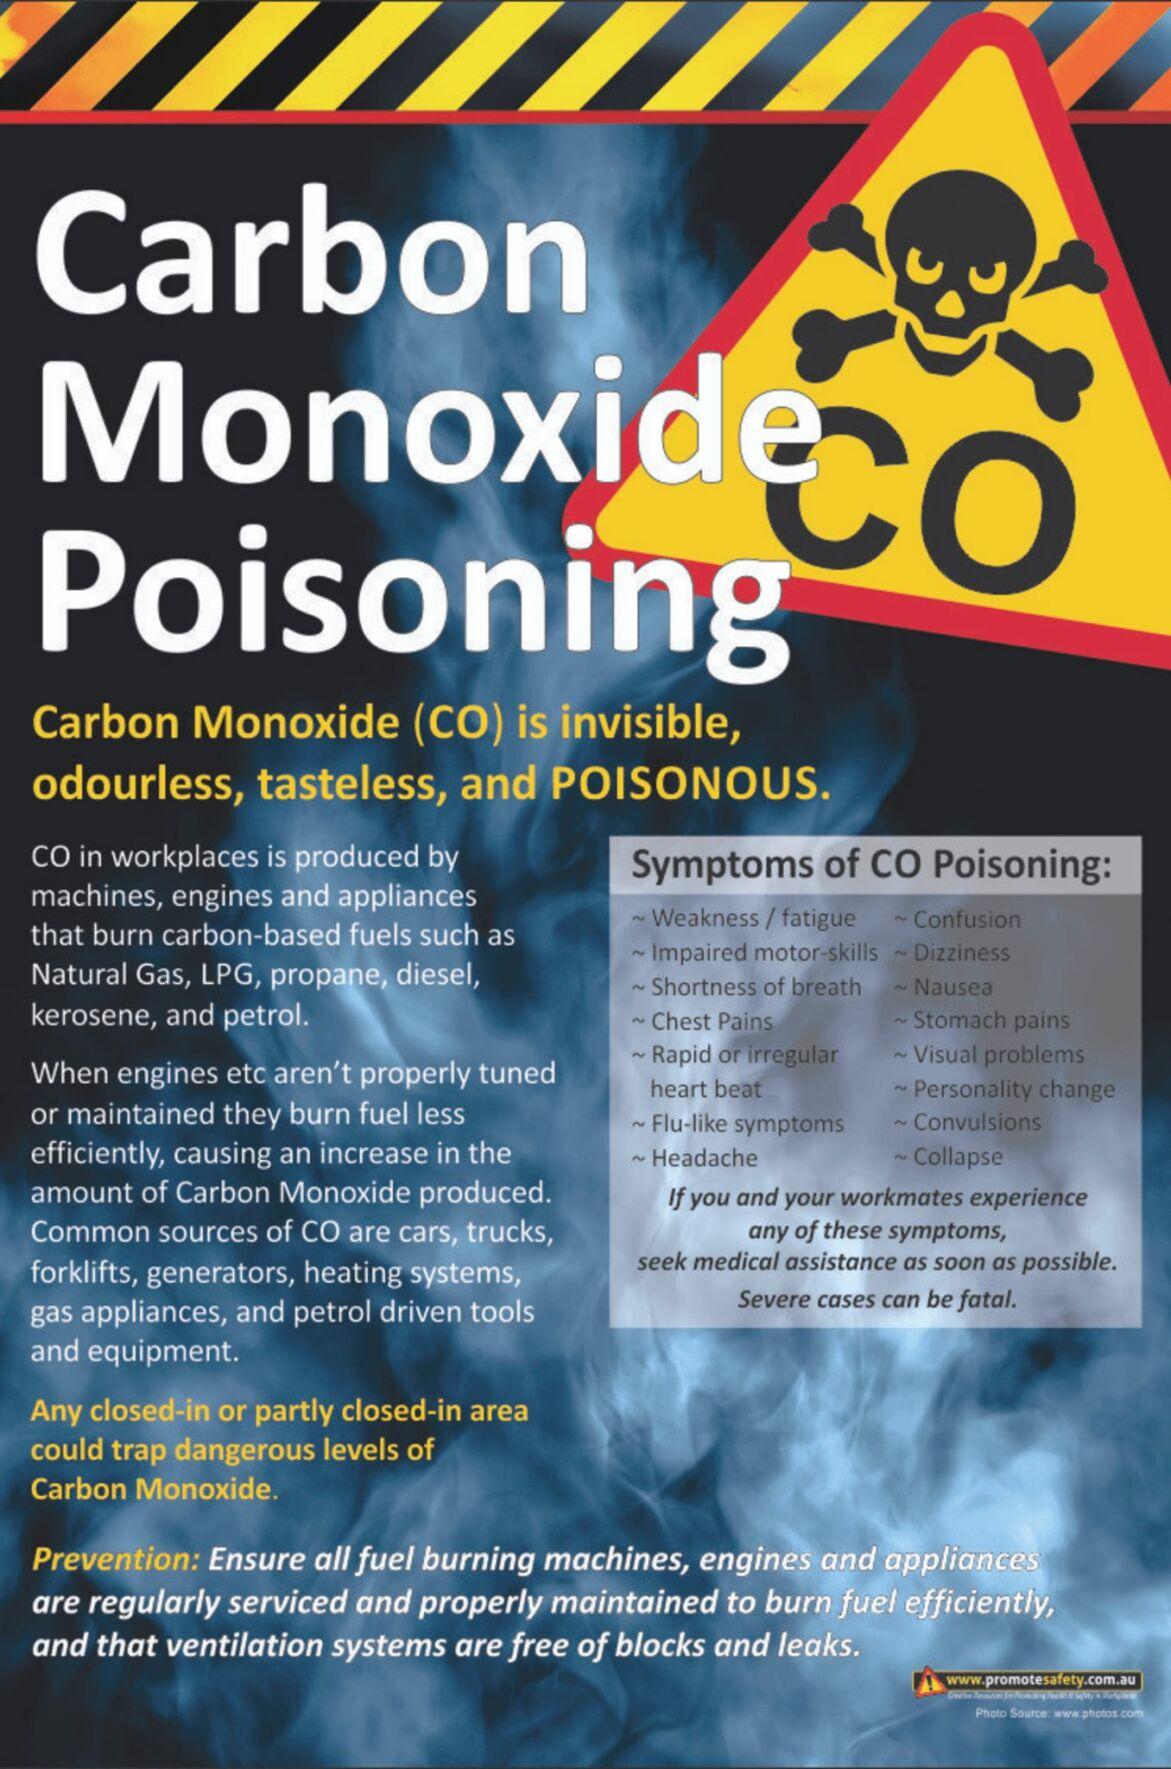 Carbon Monoxide Poisoning FAQs